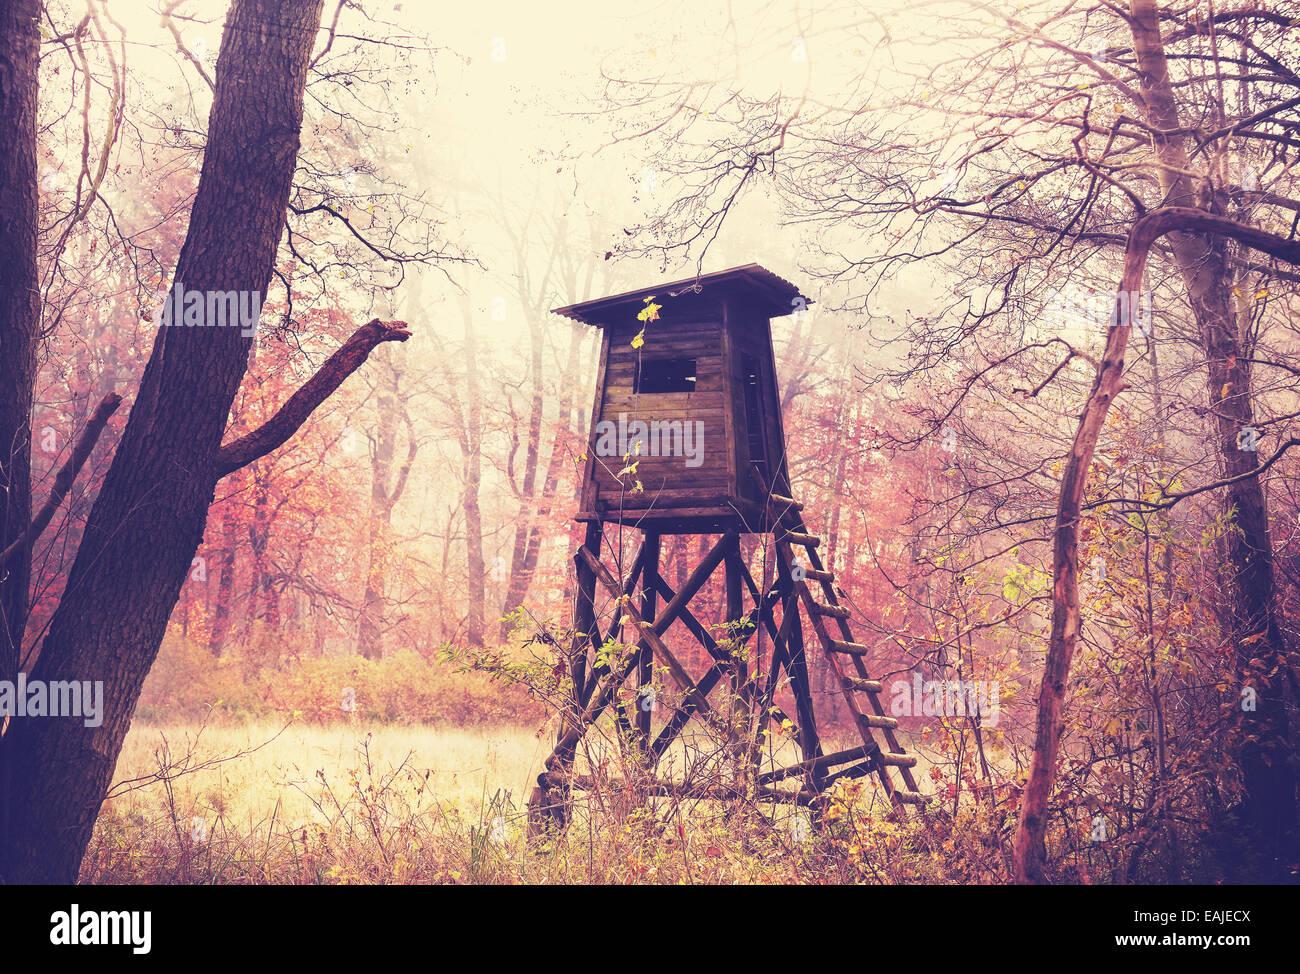 Vintage gefilterte Foto Jagd Kanzel im Wald. Stockbild